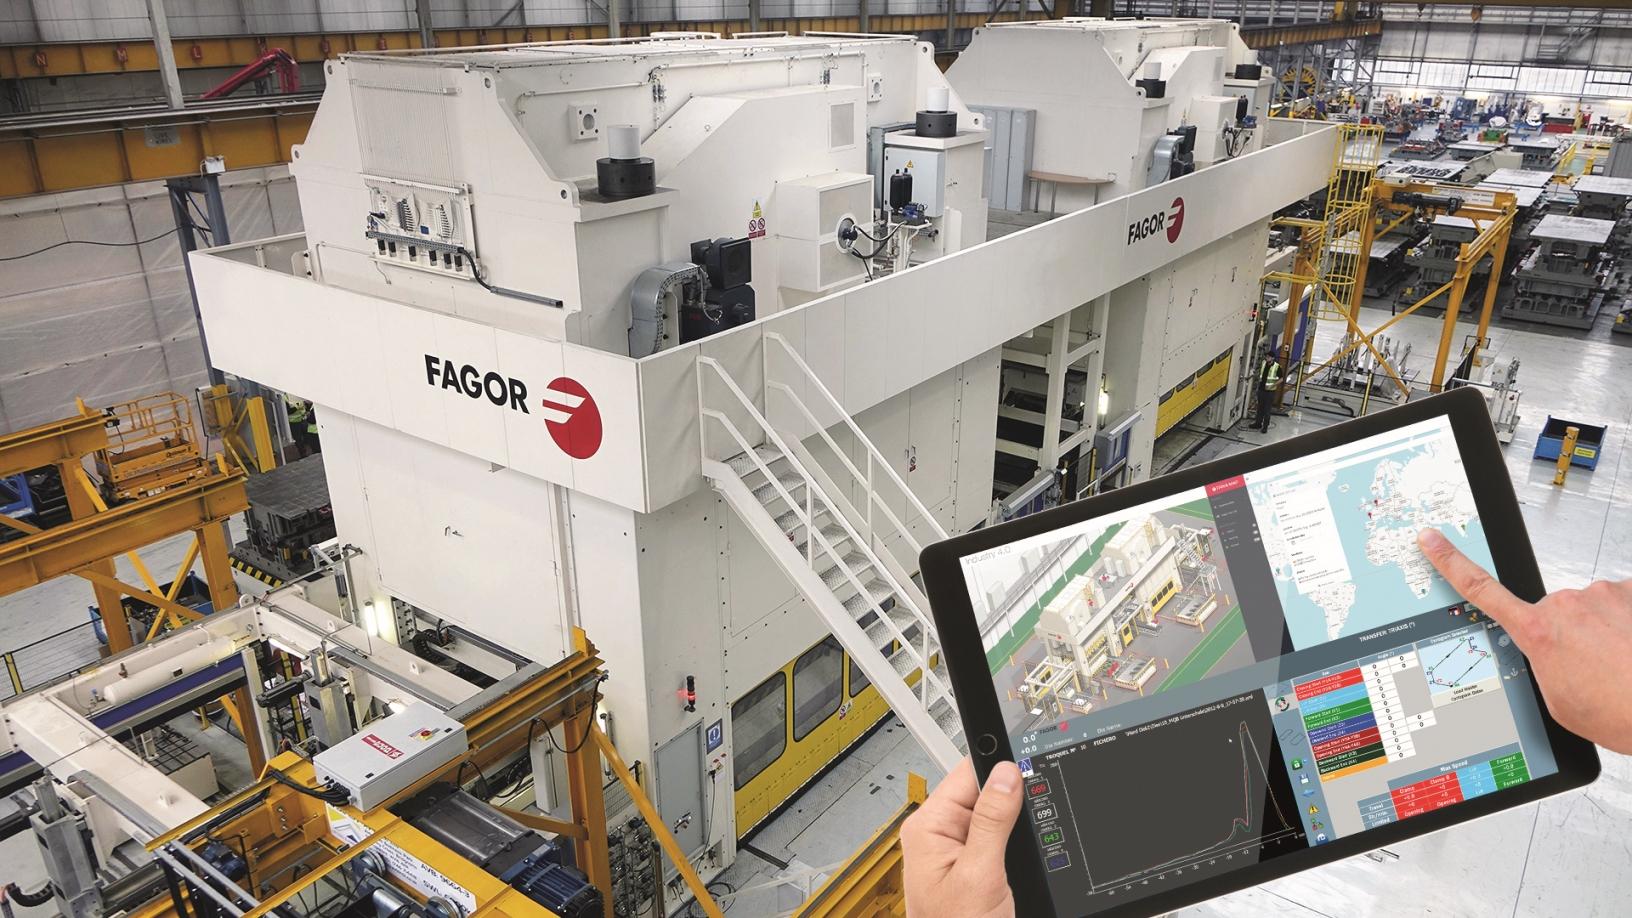 24 milioi euroko inbertsioa egingo du Fagor Arrasatek transformazio digitalean eta makineria berrian